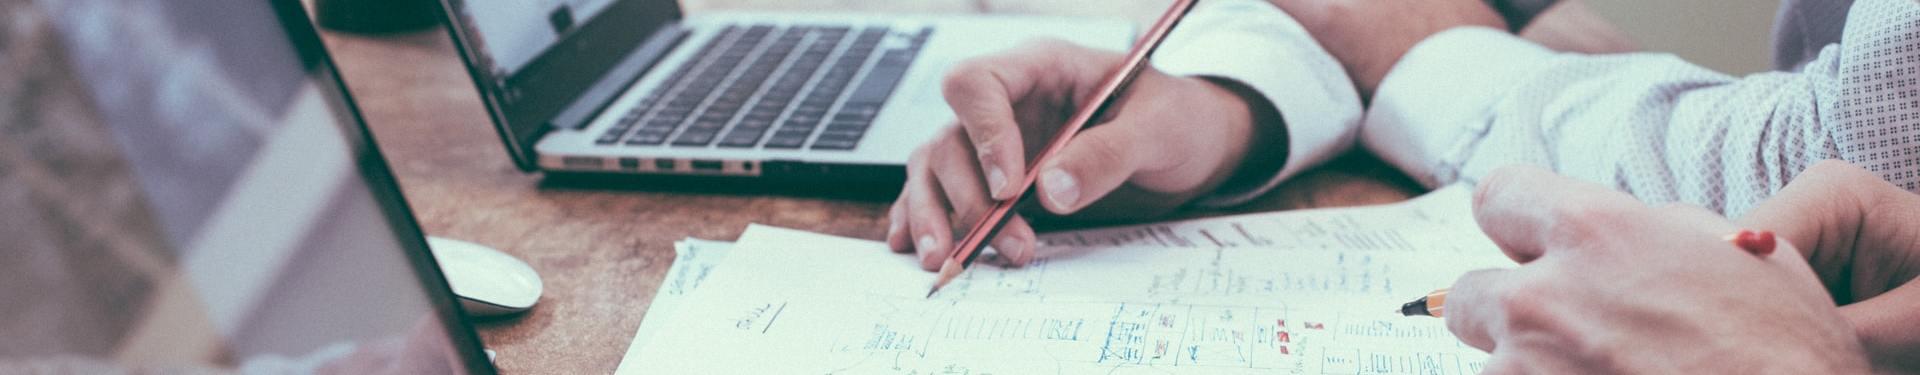 Υπηρεσίες Φορολογικού Σχεδιασμού